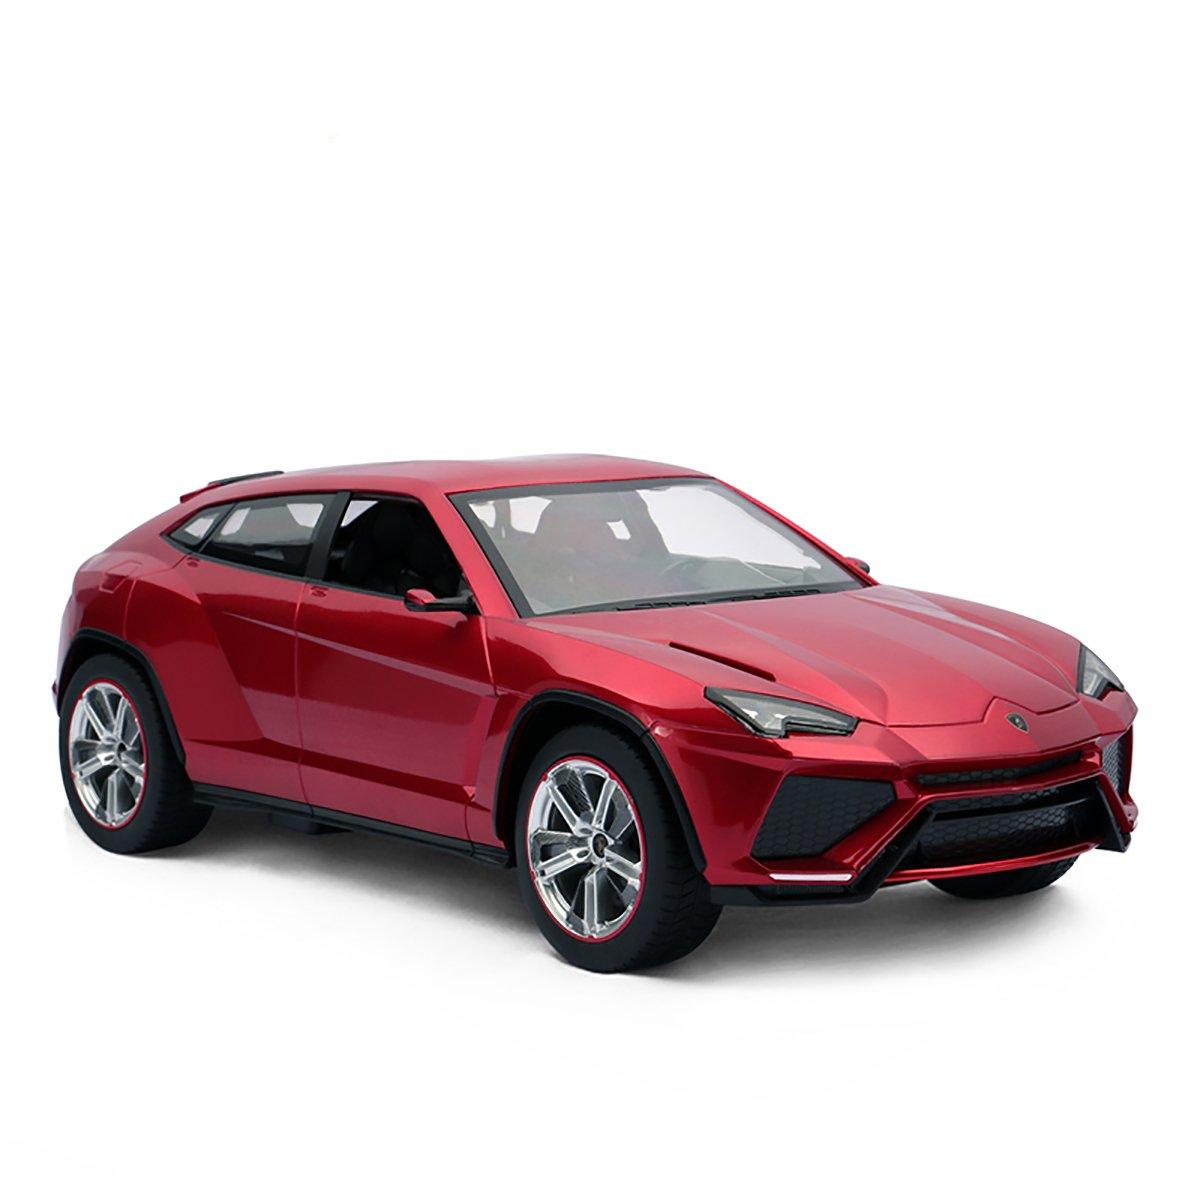 Masinuta cu telecomanda Rastar Lamborghini Urus, Rosu, 1:14